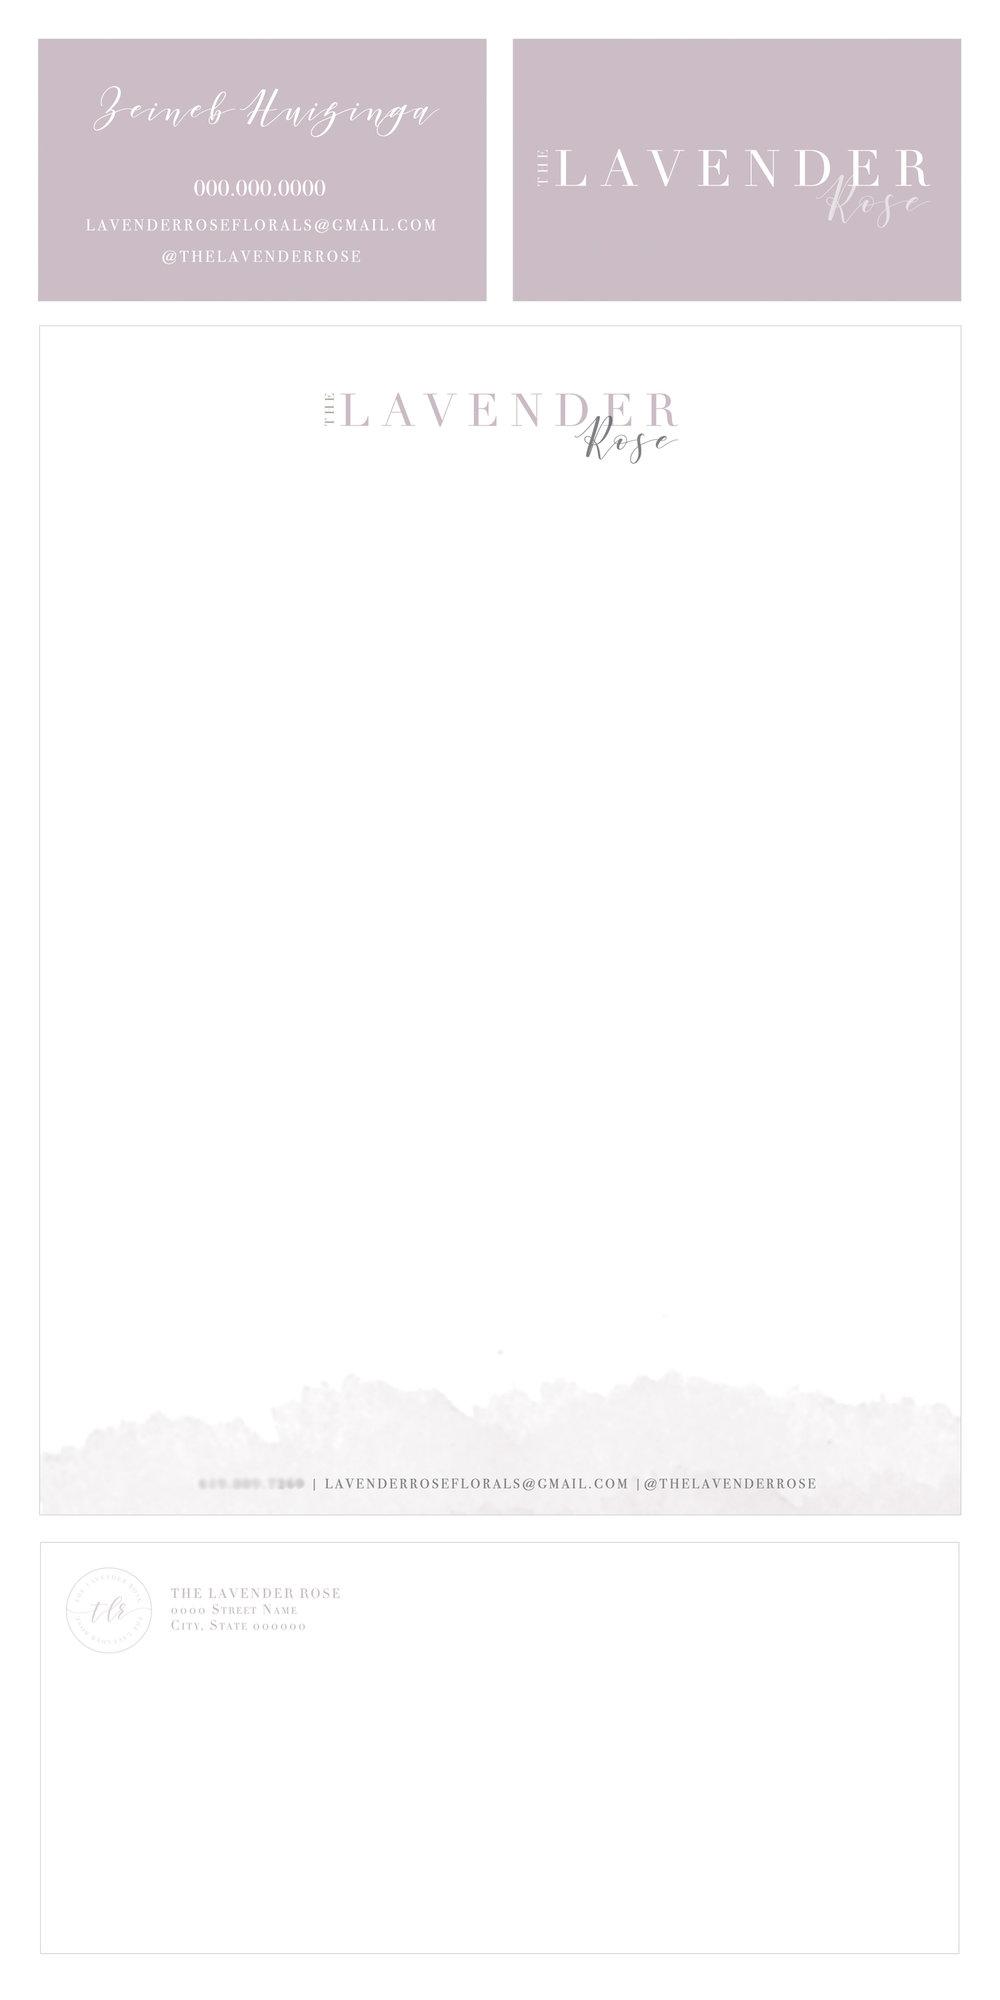 the_lavender_rose_stationary_draft.jpg